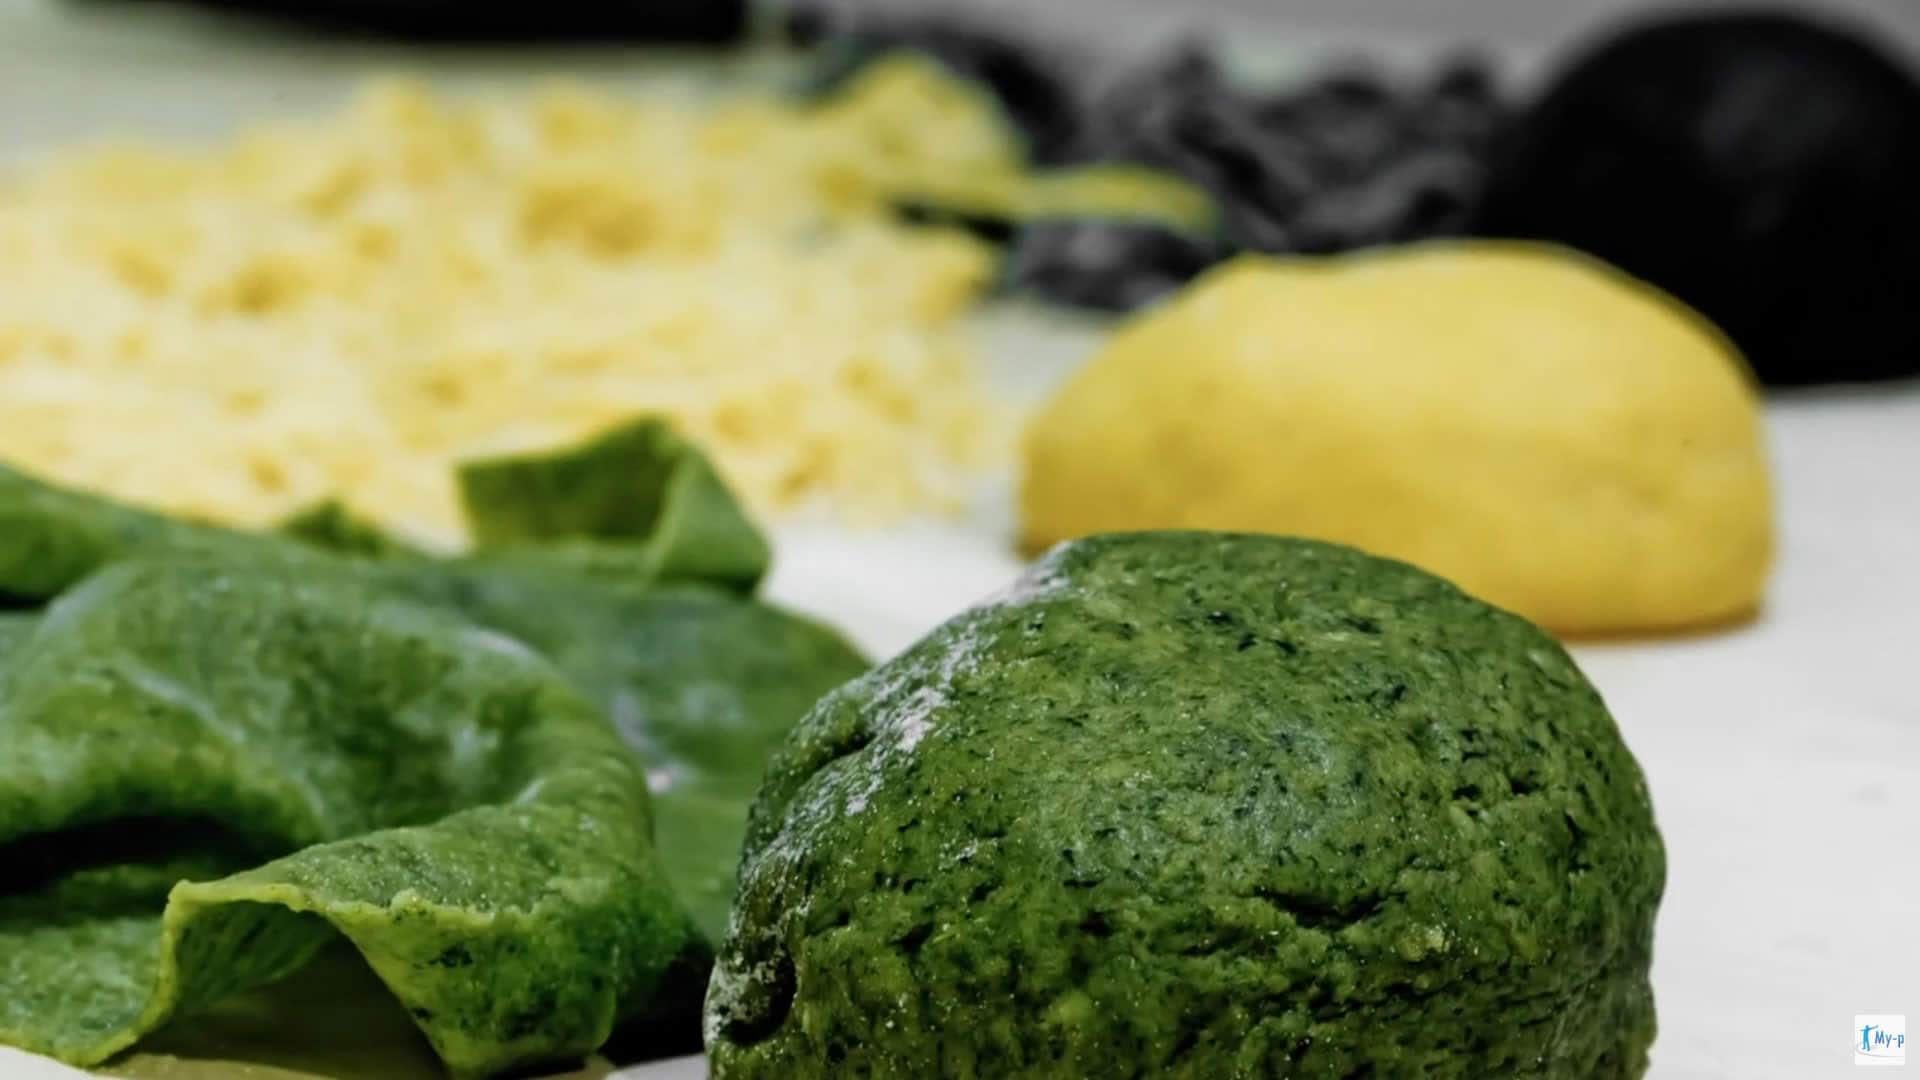 Foto Pasta fresca fatta in casa - pasta gialla, pasta verde e pasta nera - come prepararla e come cuocerla